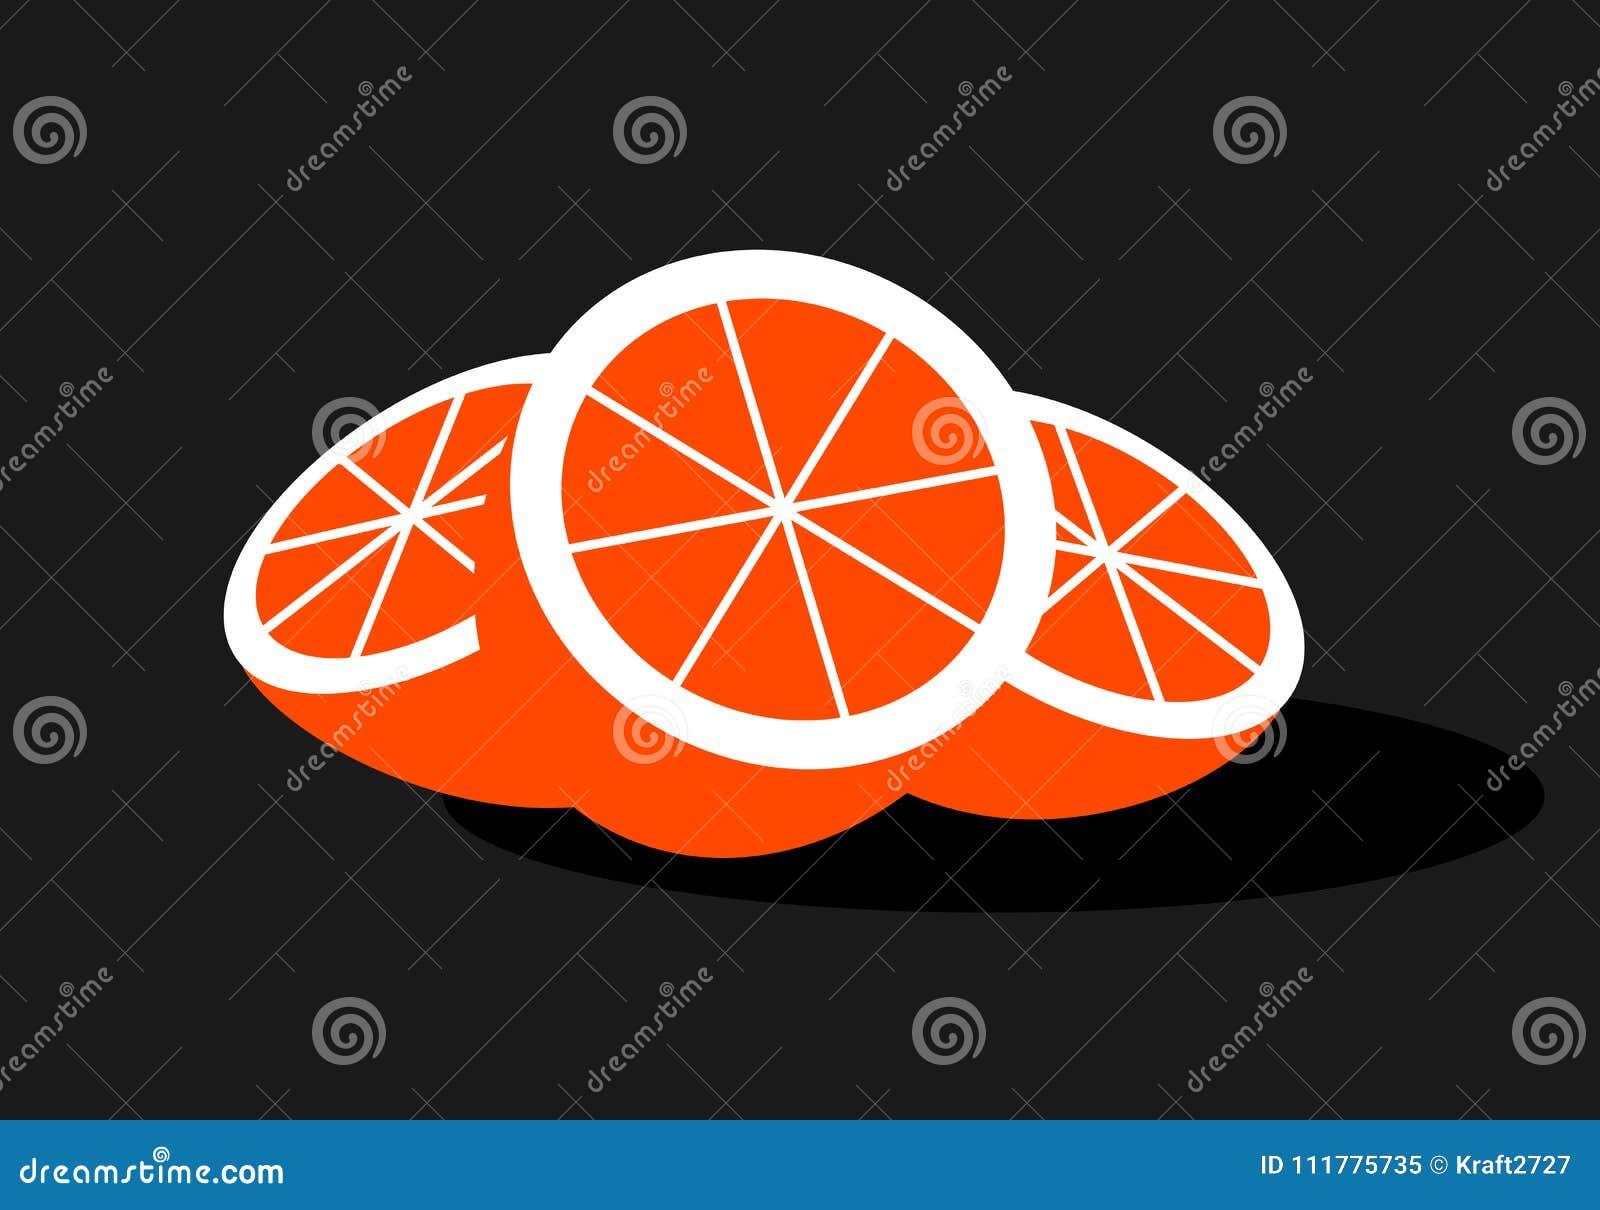 Logo of a cut orange in a flat design